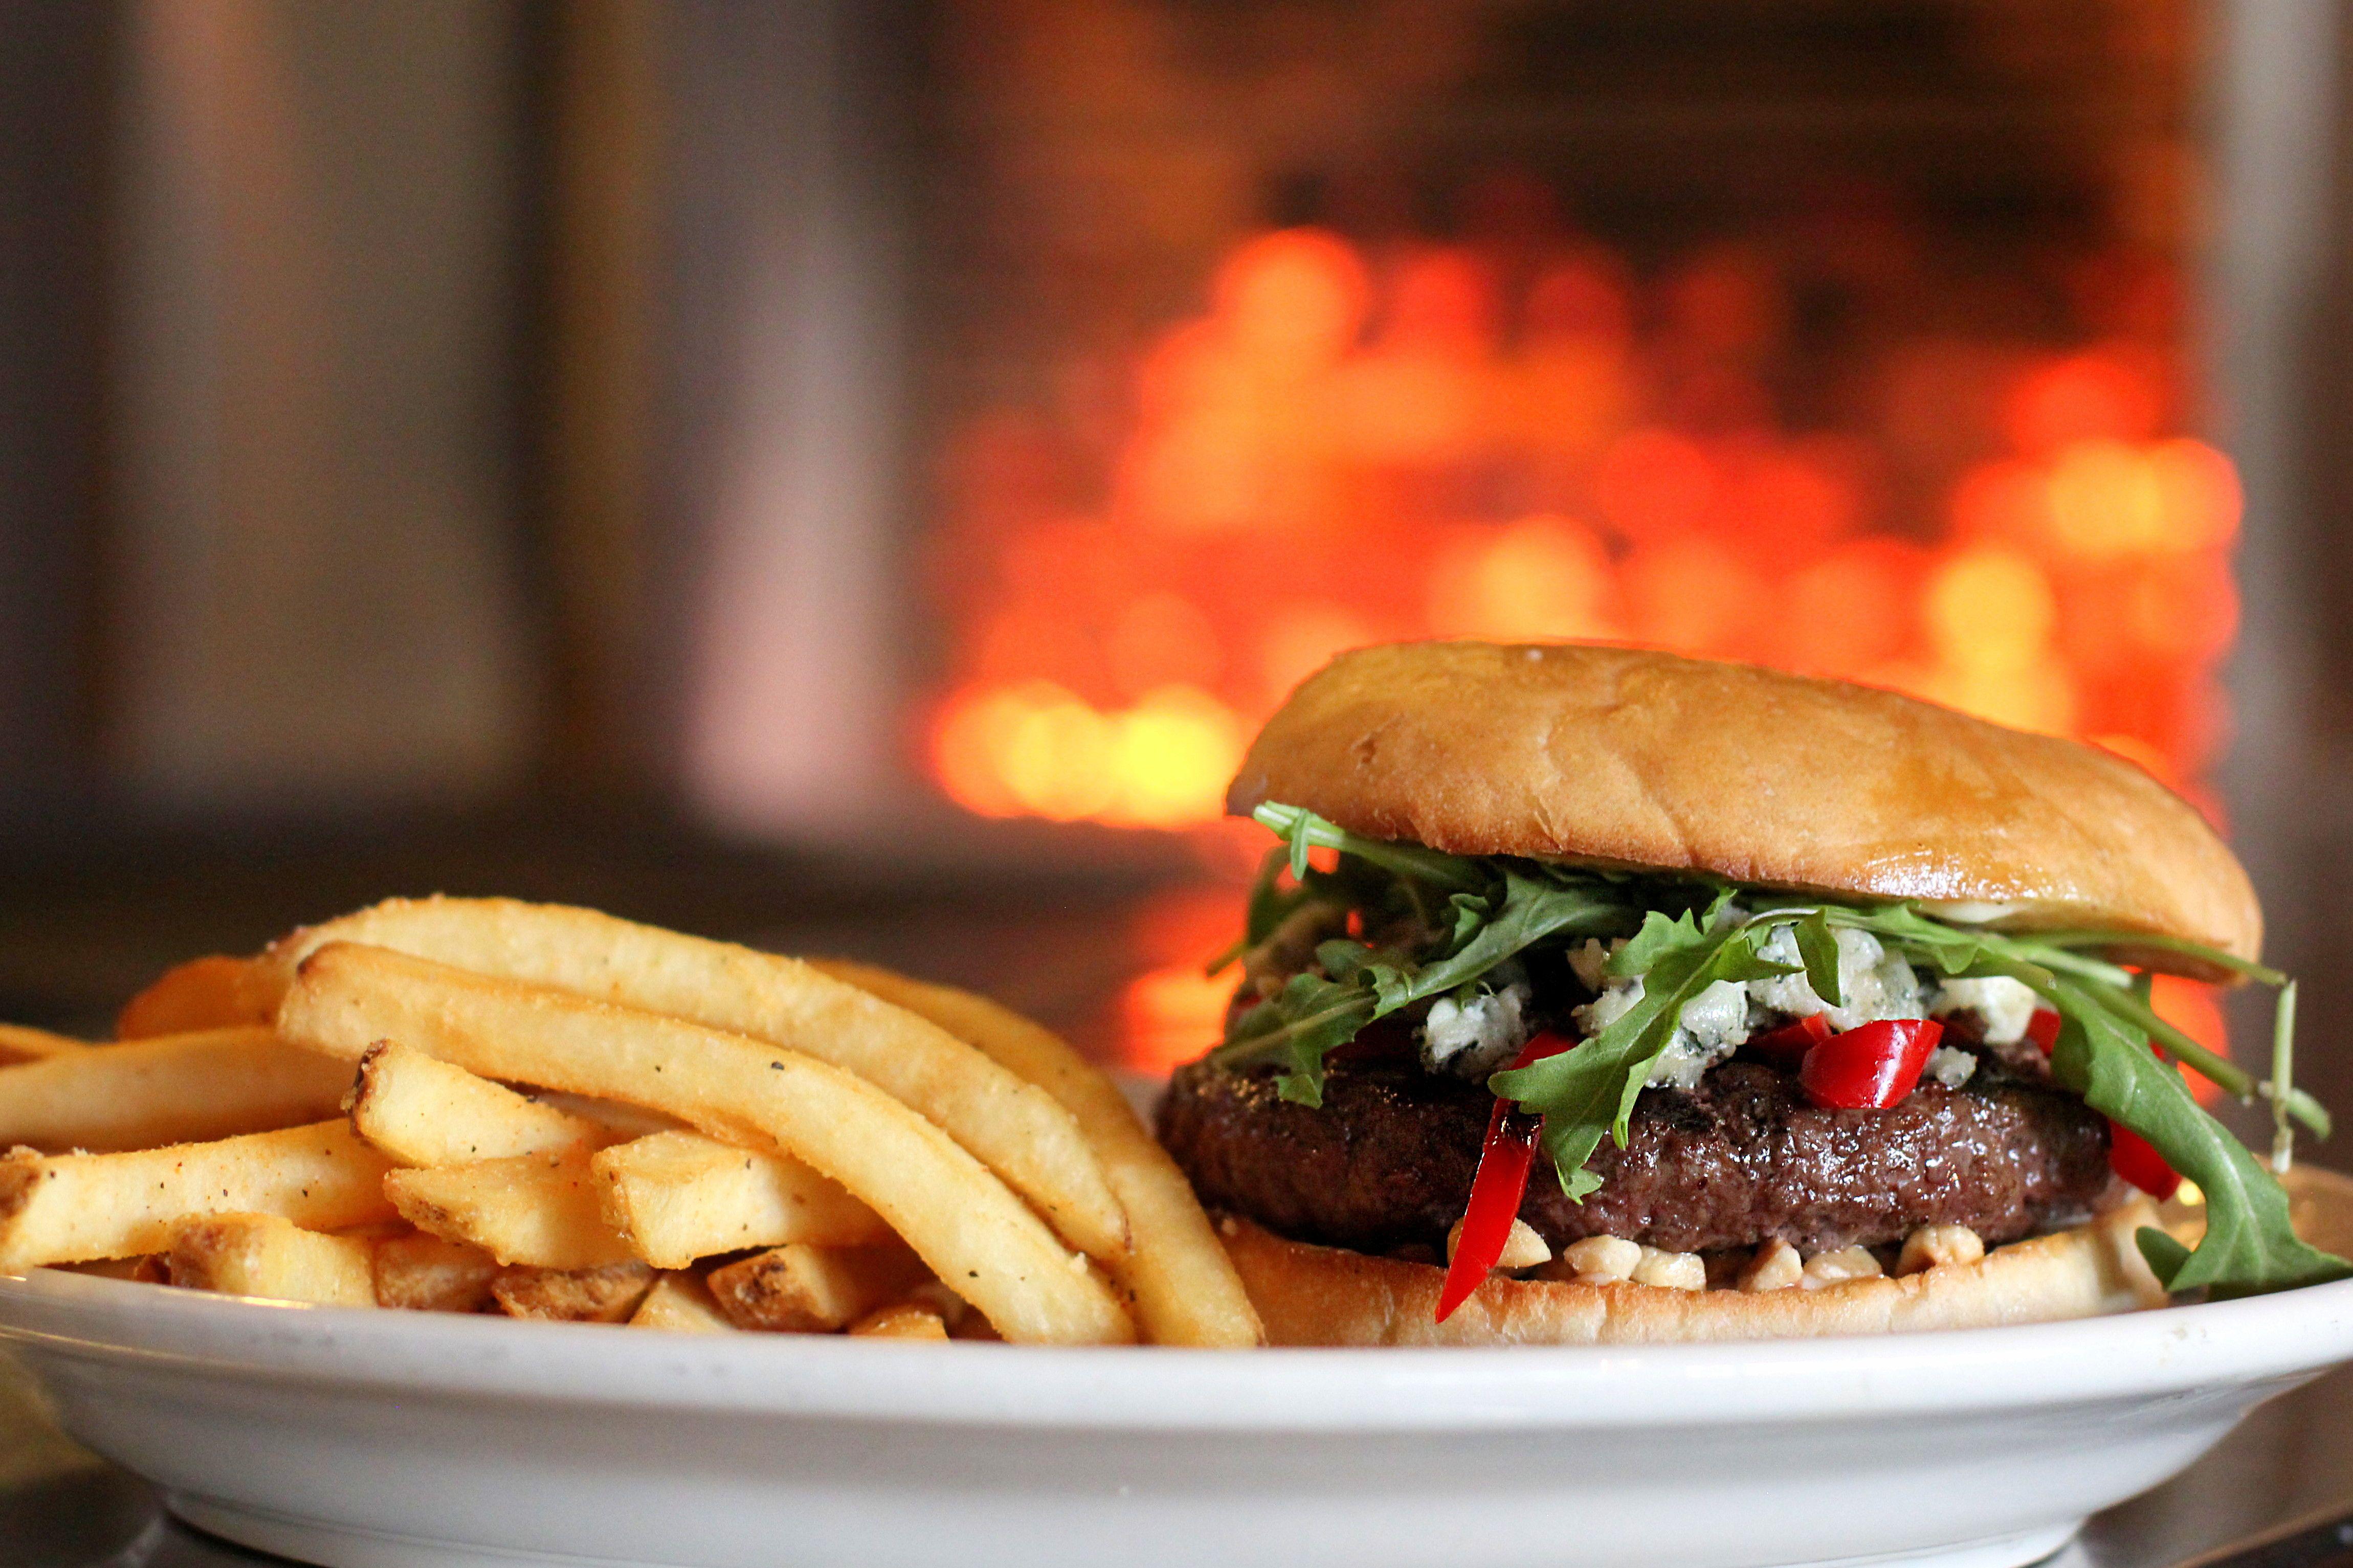 Park Art|My WordPress Blog_Can You Eat A Burger With Dentures